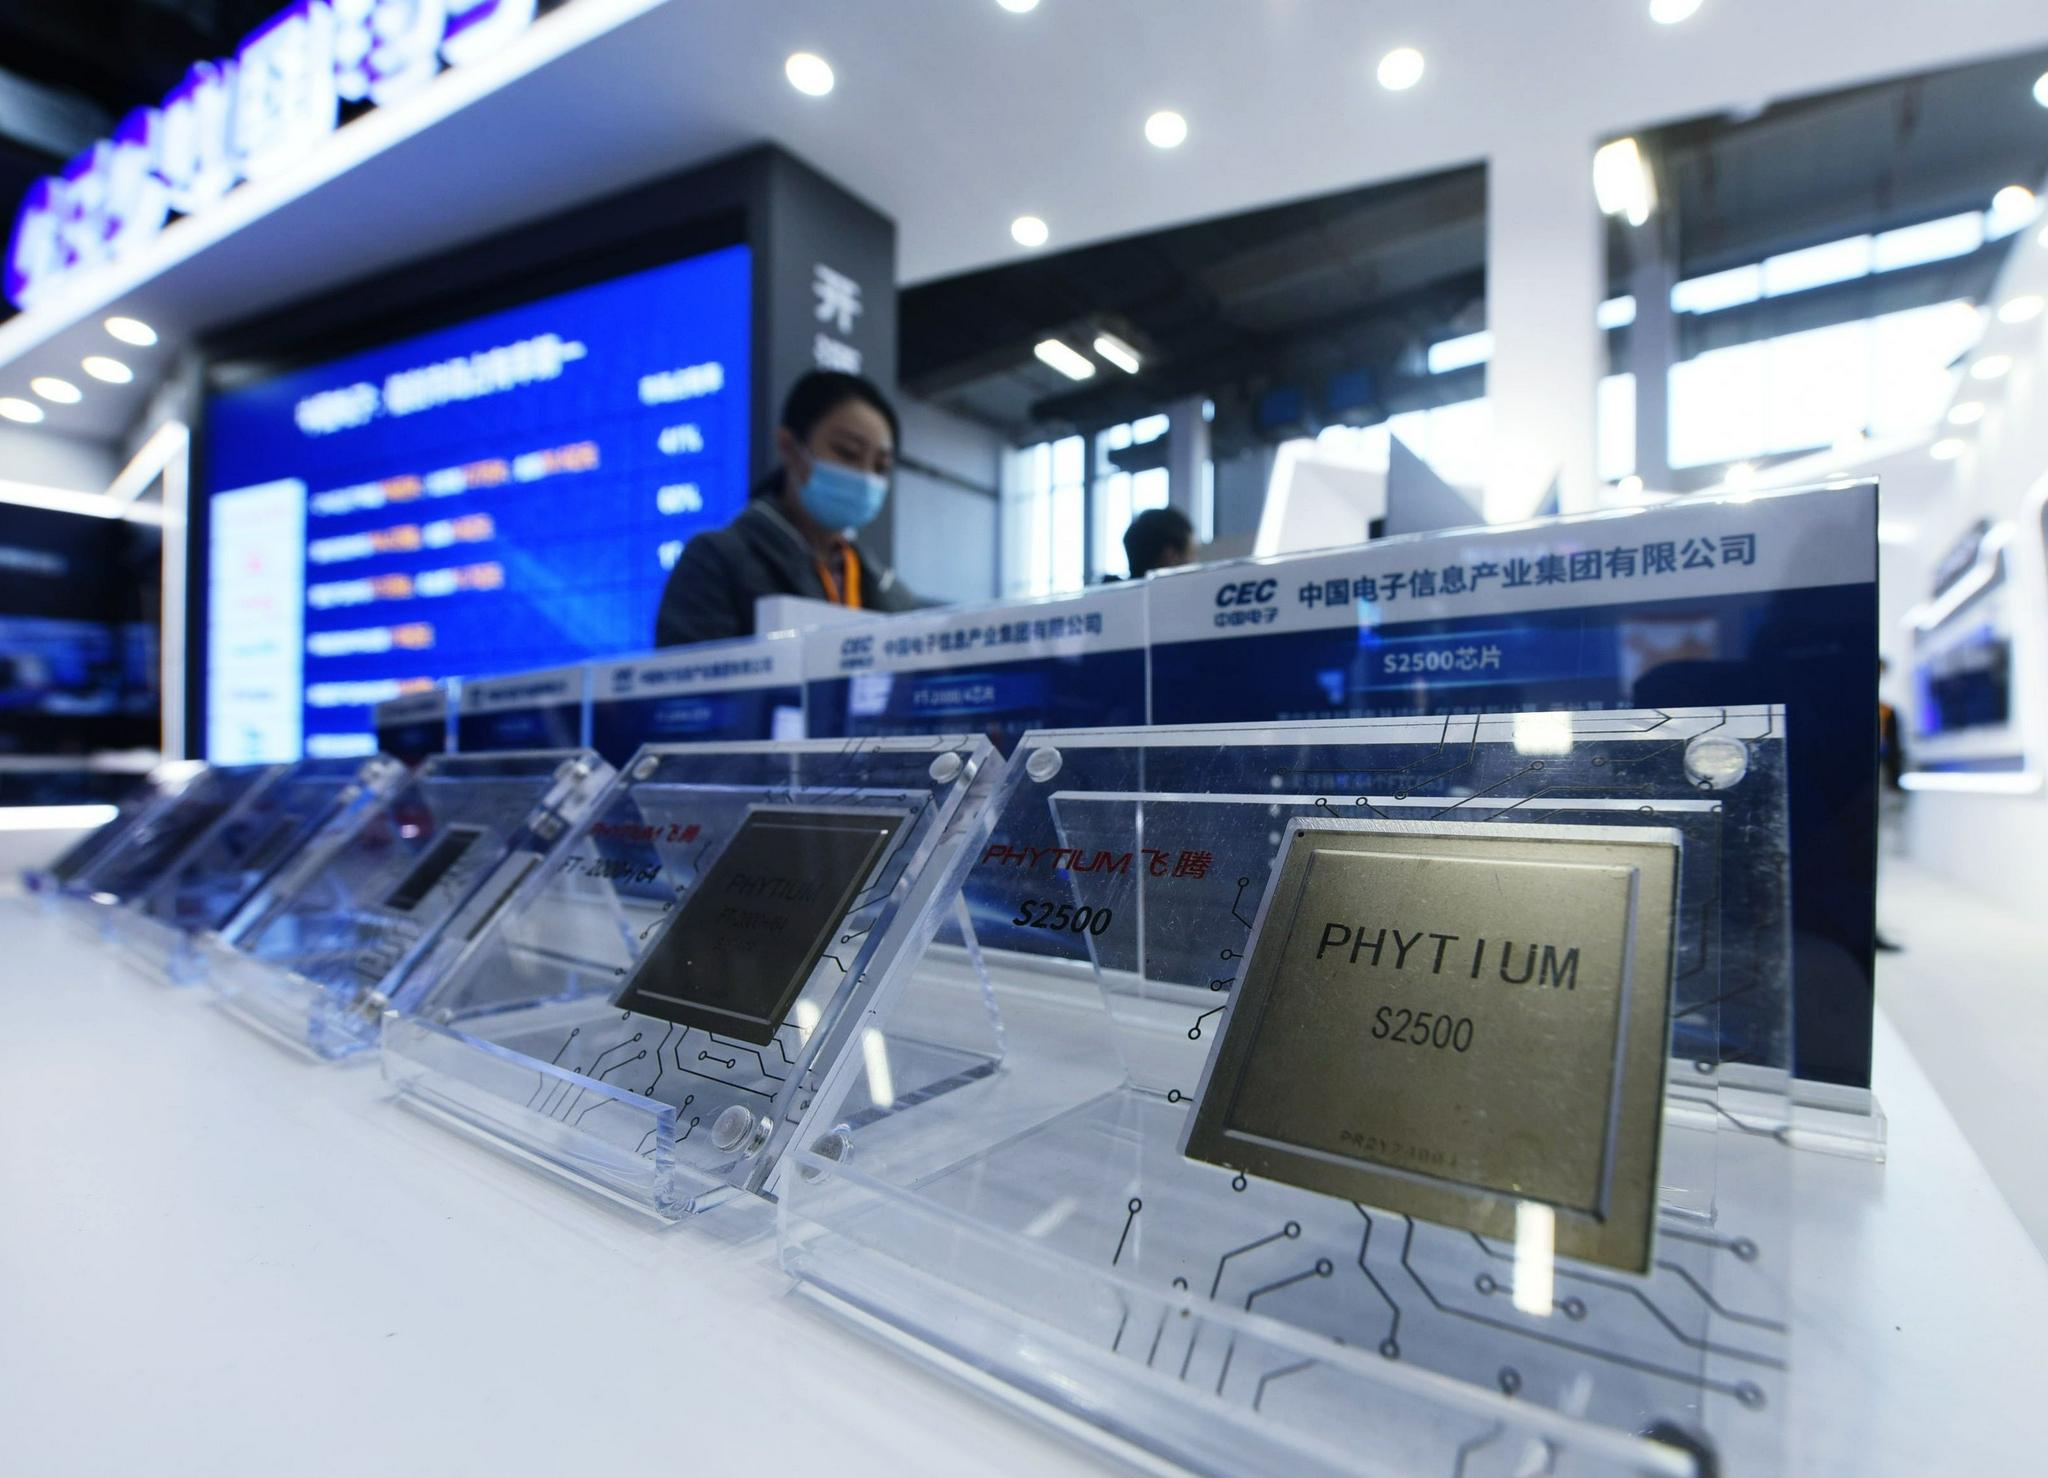 2020年11月12日,2020中国国际软件博览会展示的自主可控国产高性能计算芯片。图/IC photo